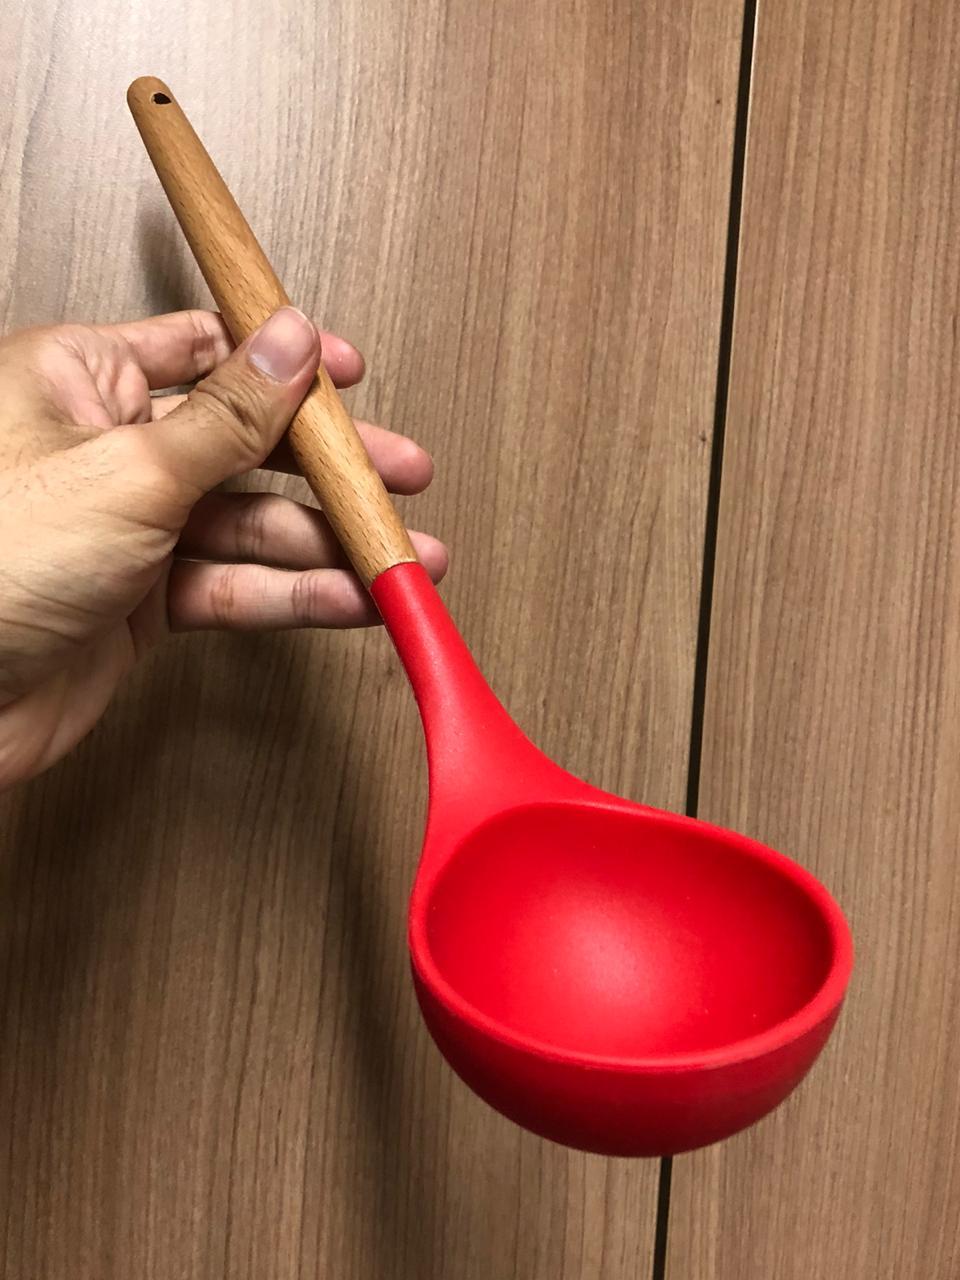 Concha de feijão em madeira silicone vermelha 31cm livre de bpa